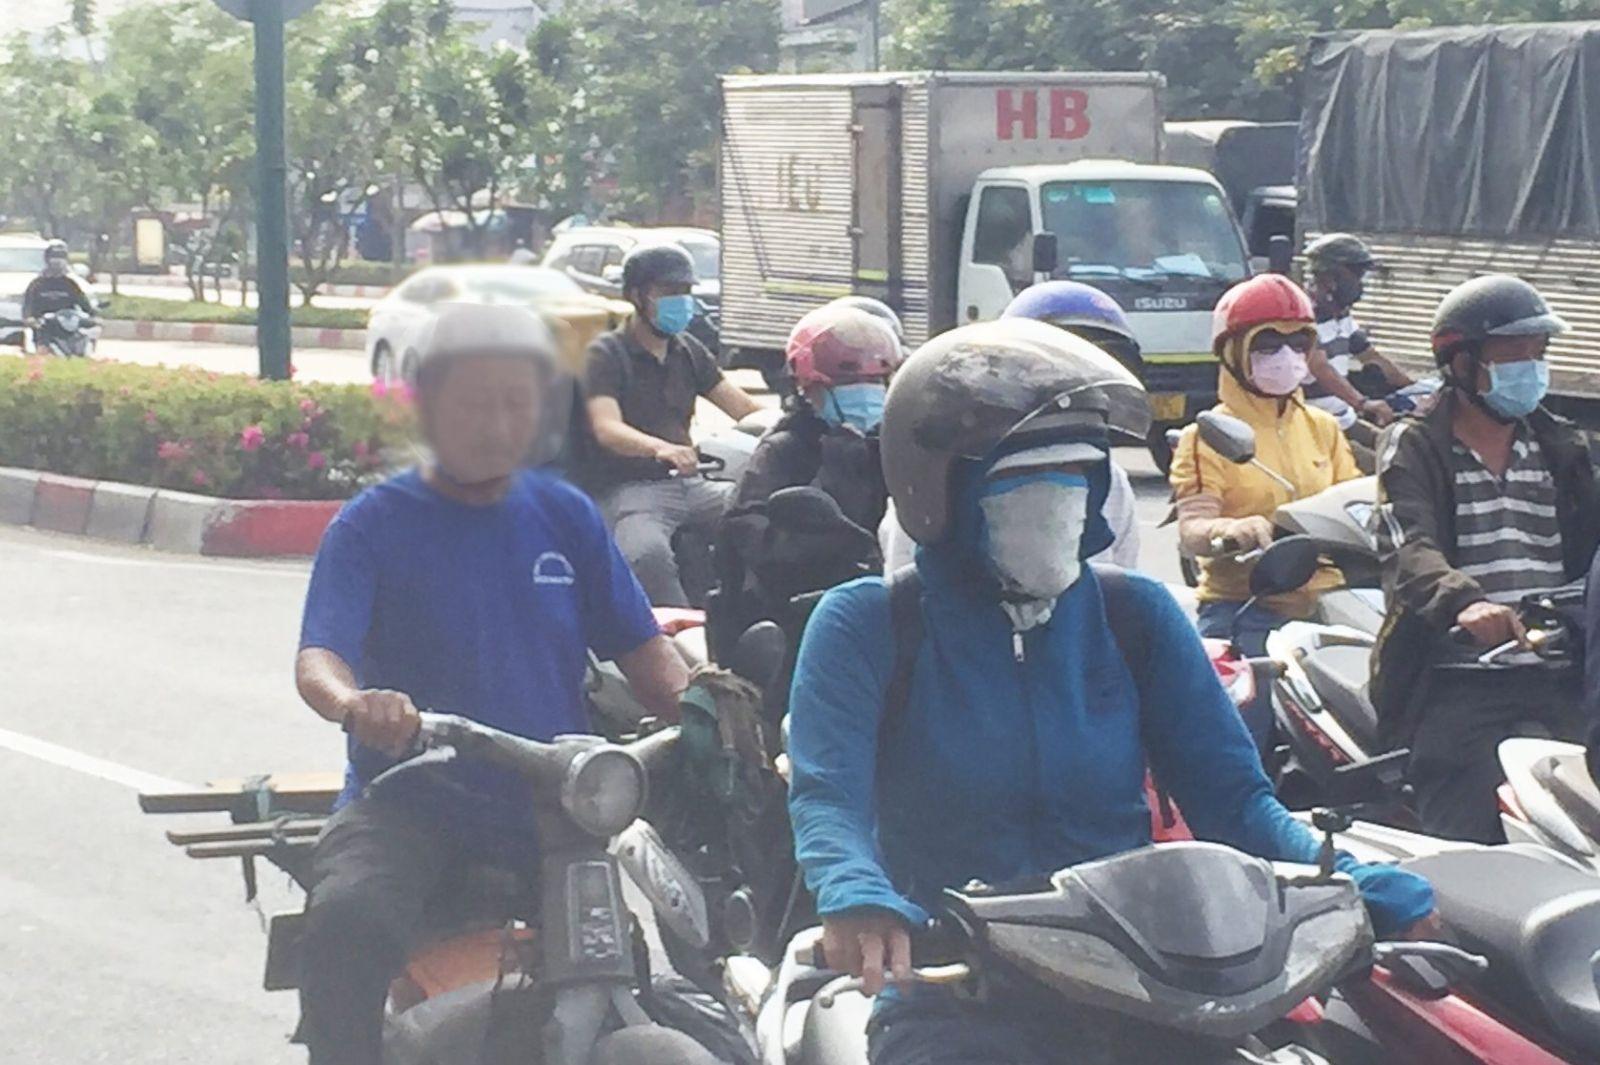 Ảnh : Một số người không đeo khẩu trang khi tham gia giao thông.